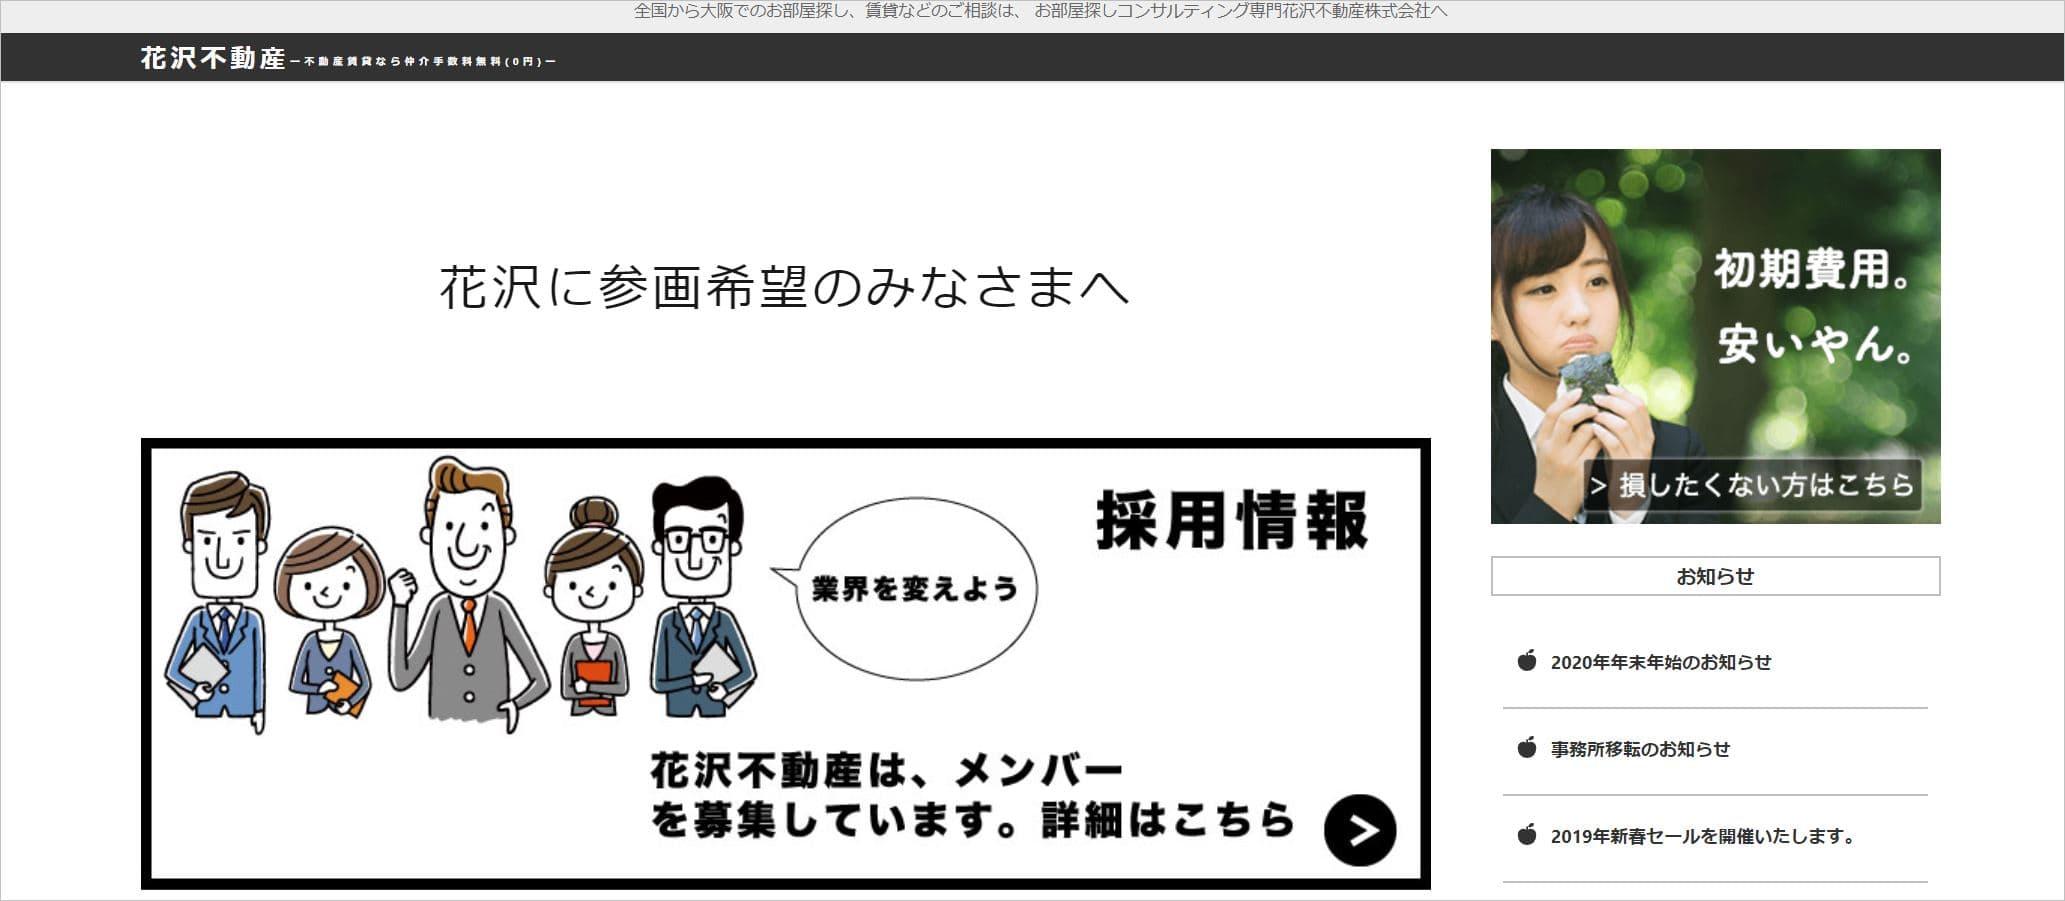 花沢不動産のトップ画面